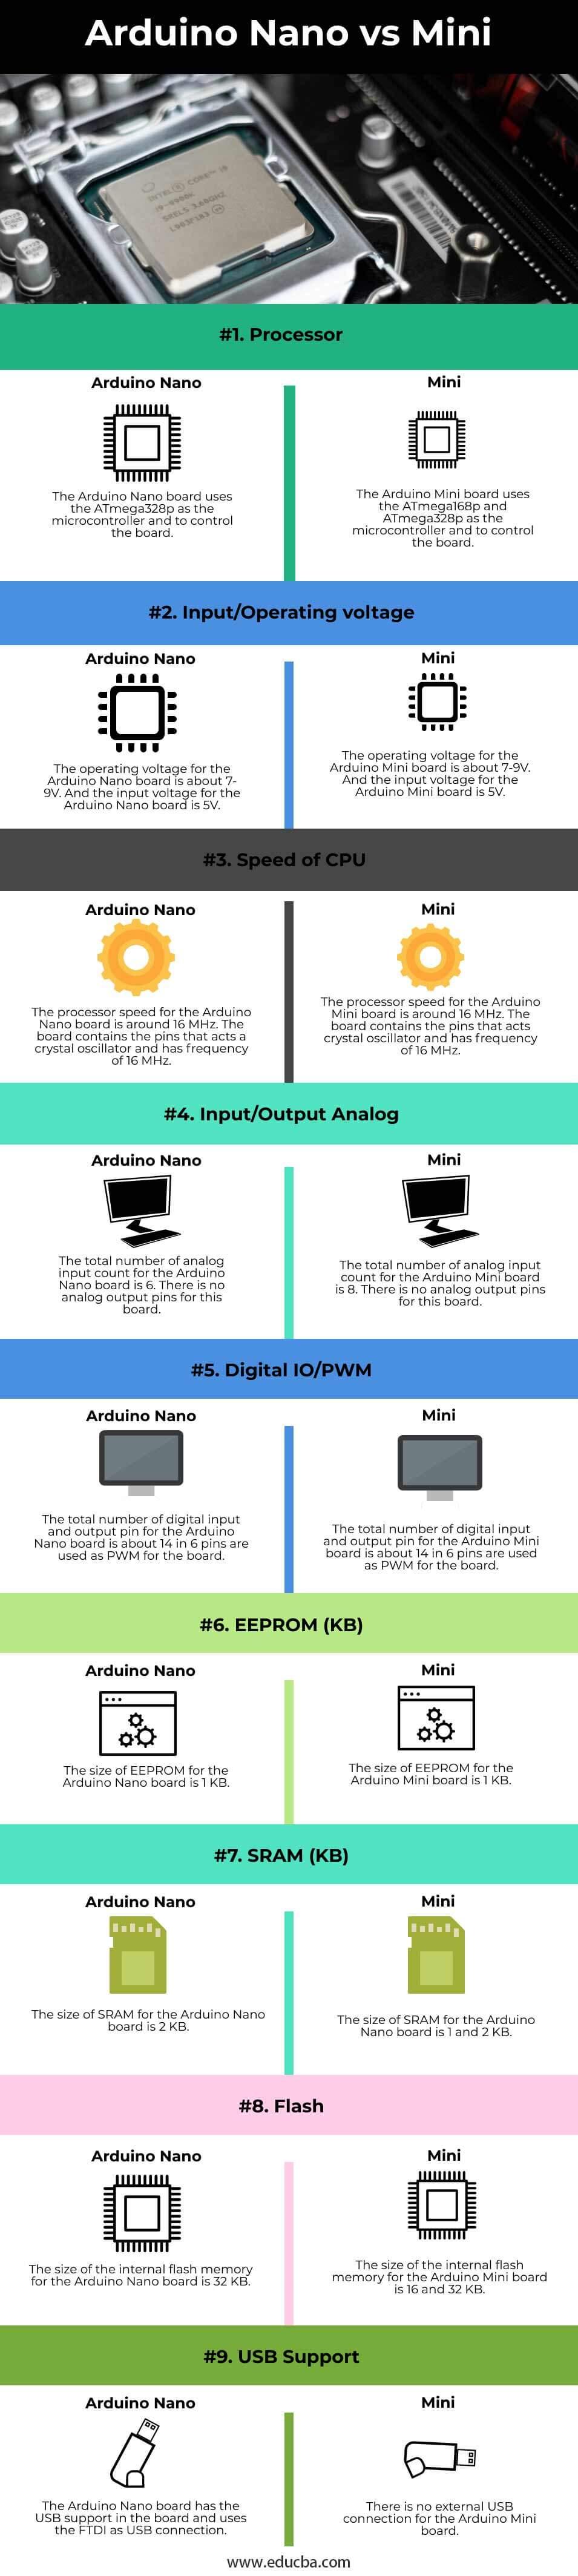 Arduino-Nano-vs-Mini-info